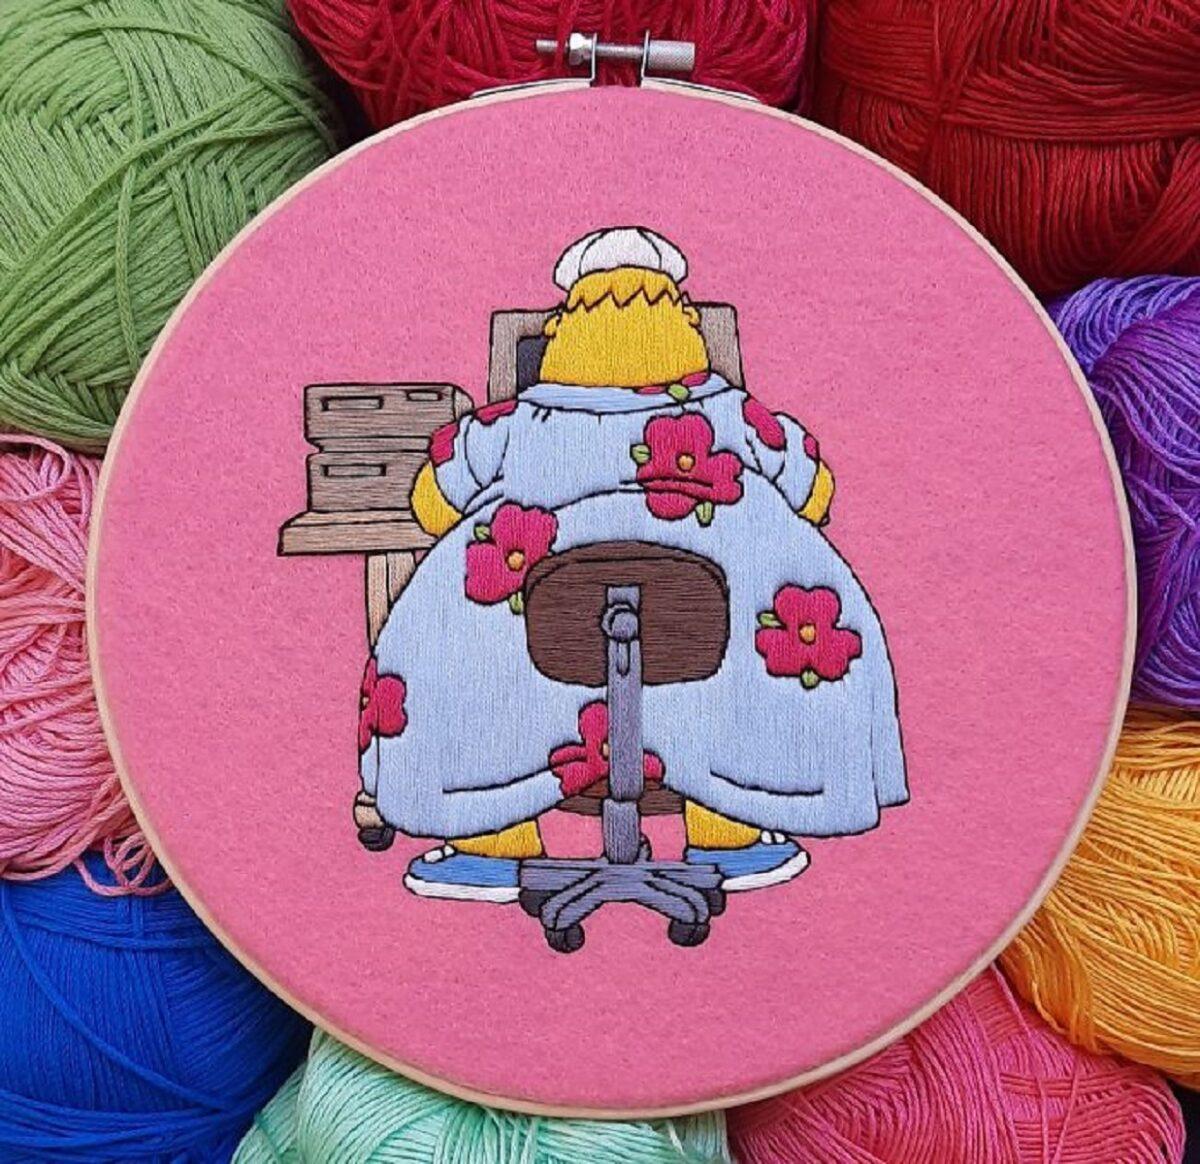 Artista Gabriela Martinez cria bordados de cenas de Os Simpsons 23